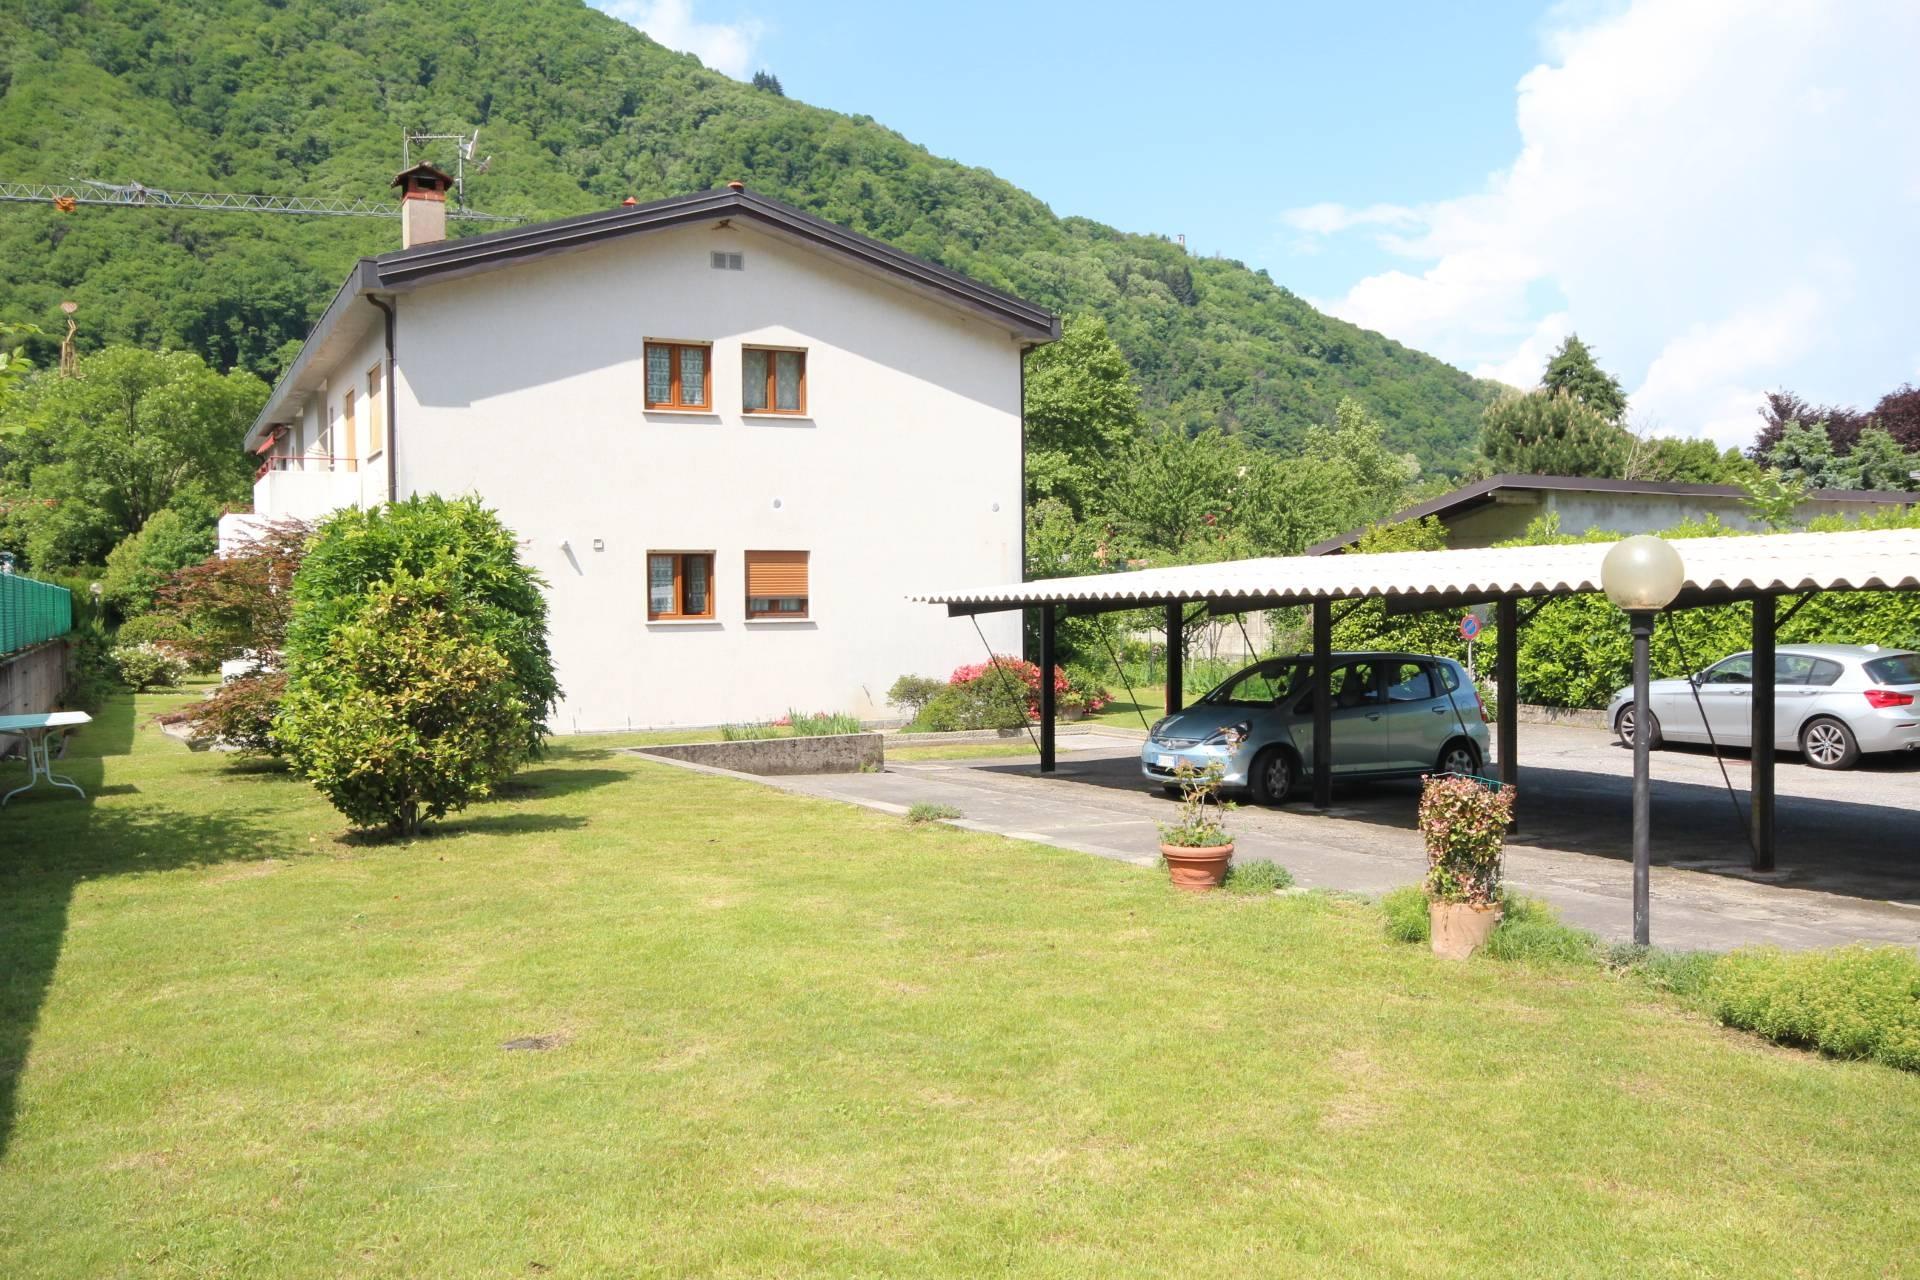 Appartamento in vendita a Cannobio, 2 locali, prezzo € 155.000 | PortaleAgenzieImmobiliari.it